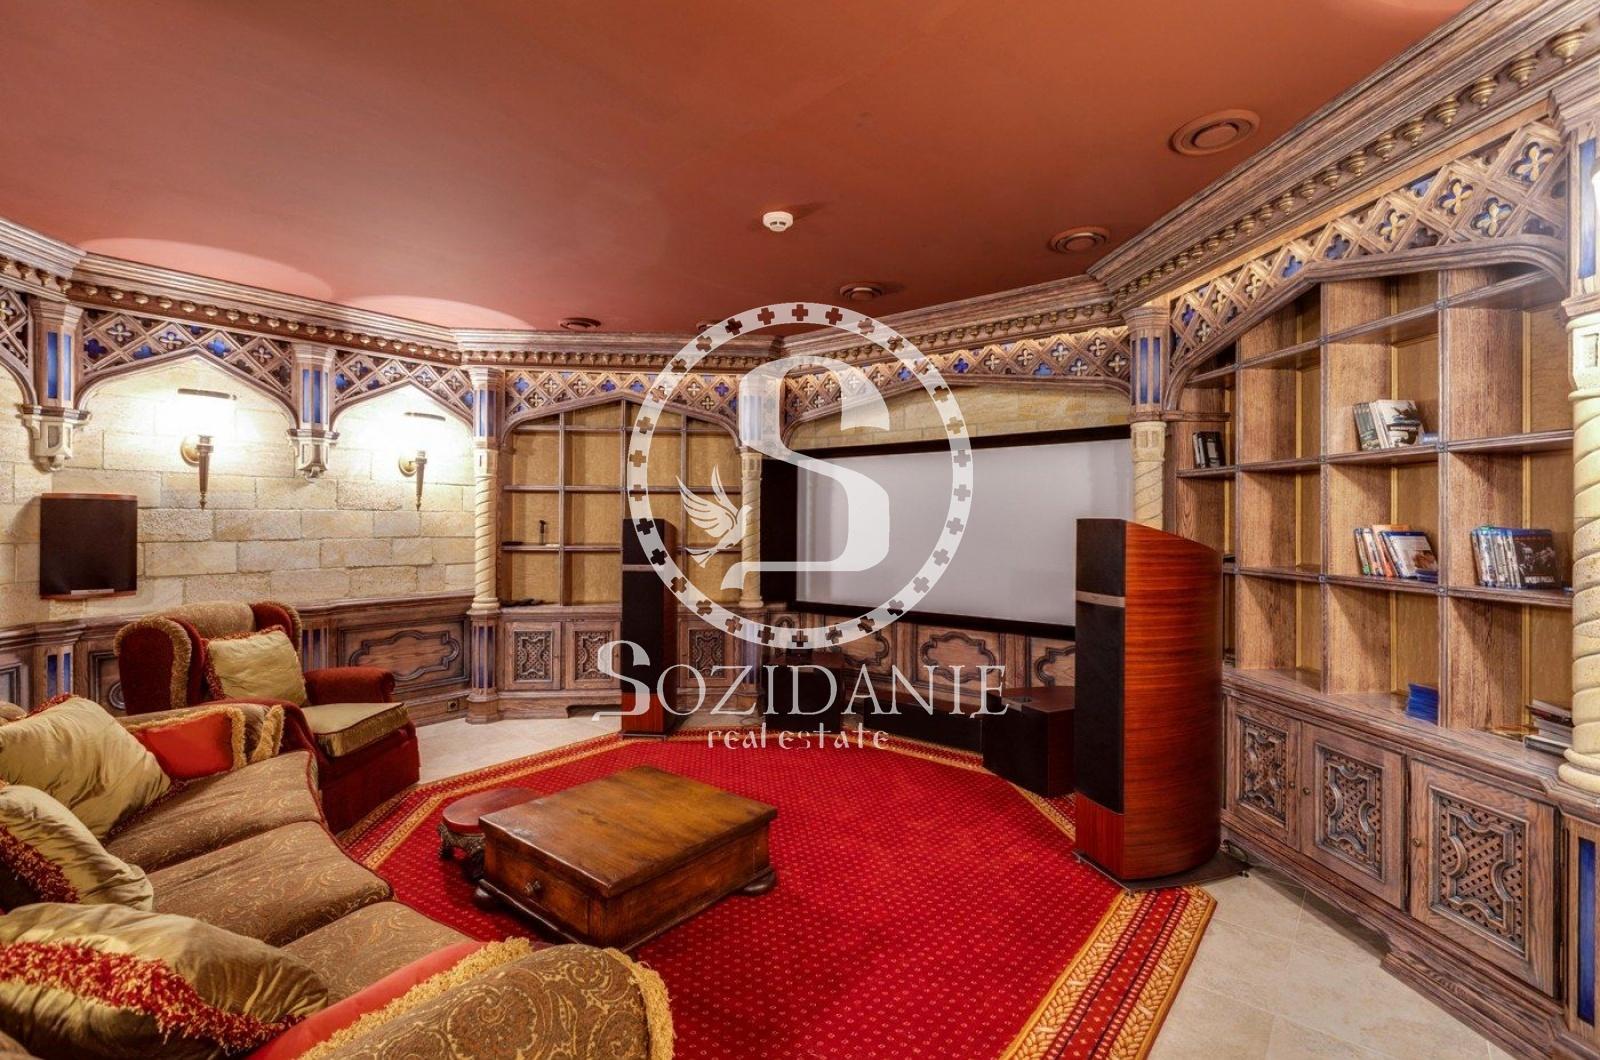 4 Bedrooms, Загородная, Продажа, Listing ID 1438, Московская область, Россия,